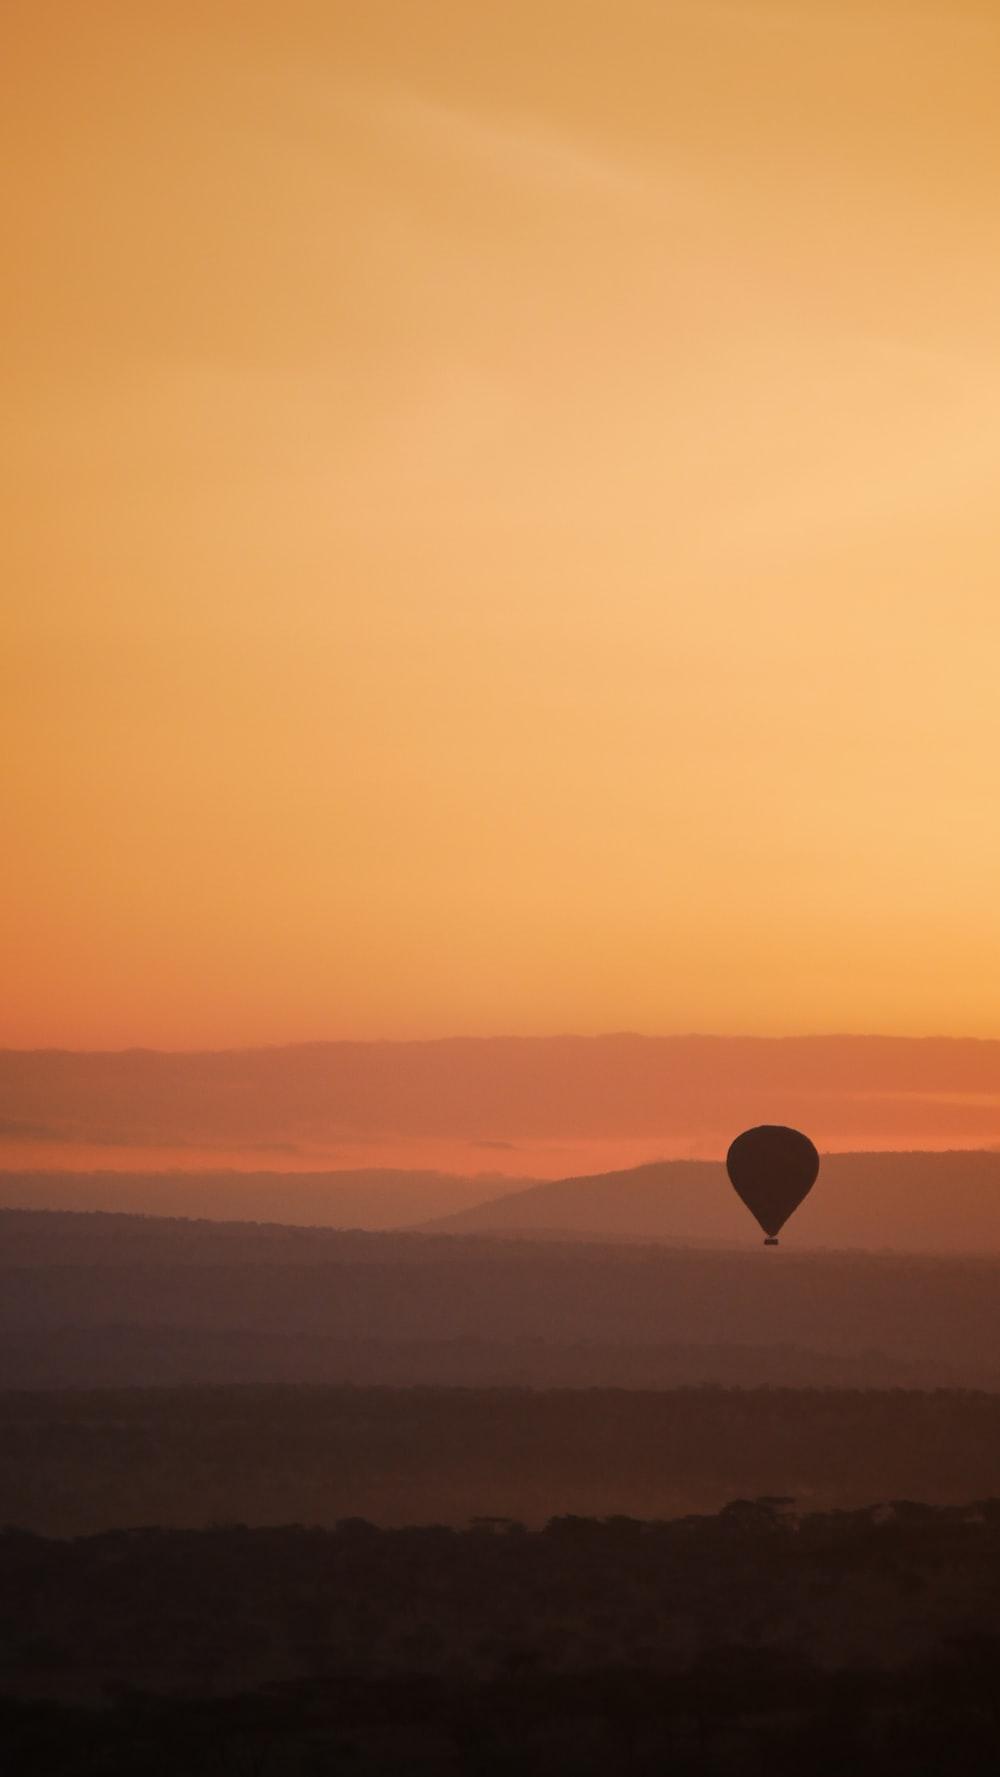 hot air balloon on mid air